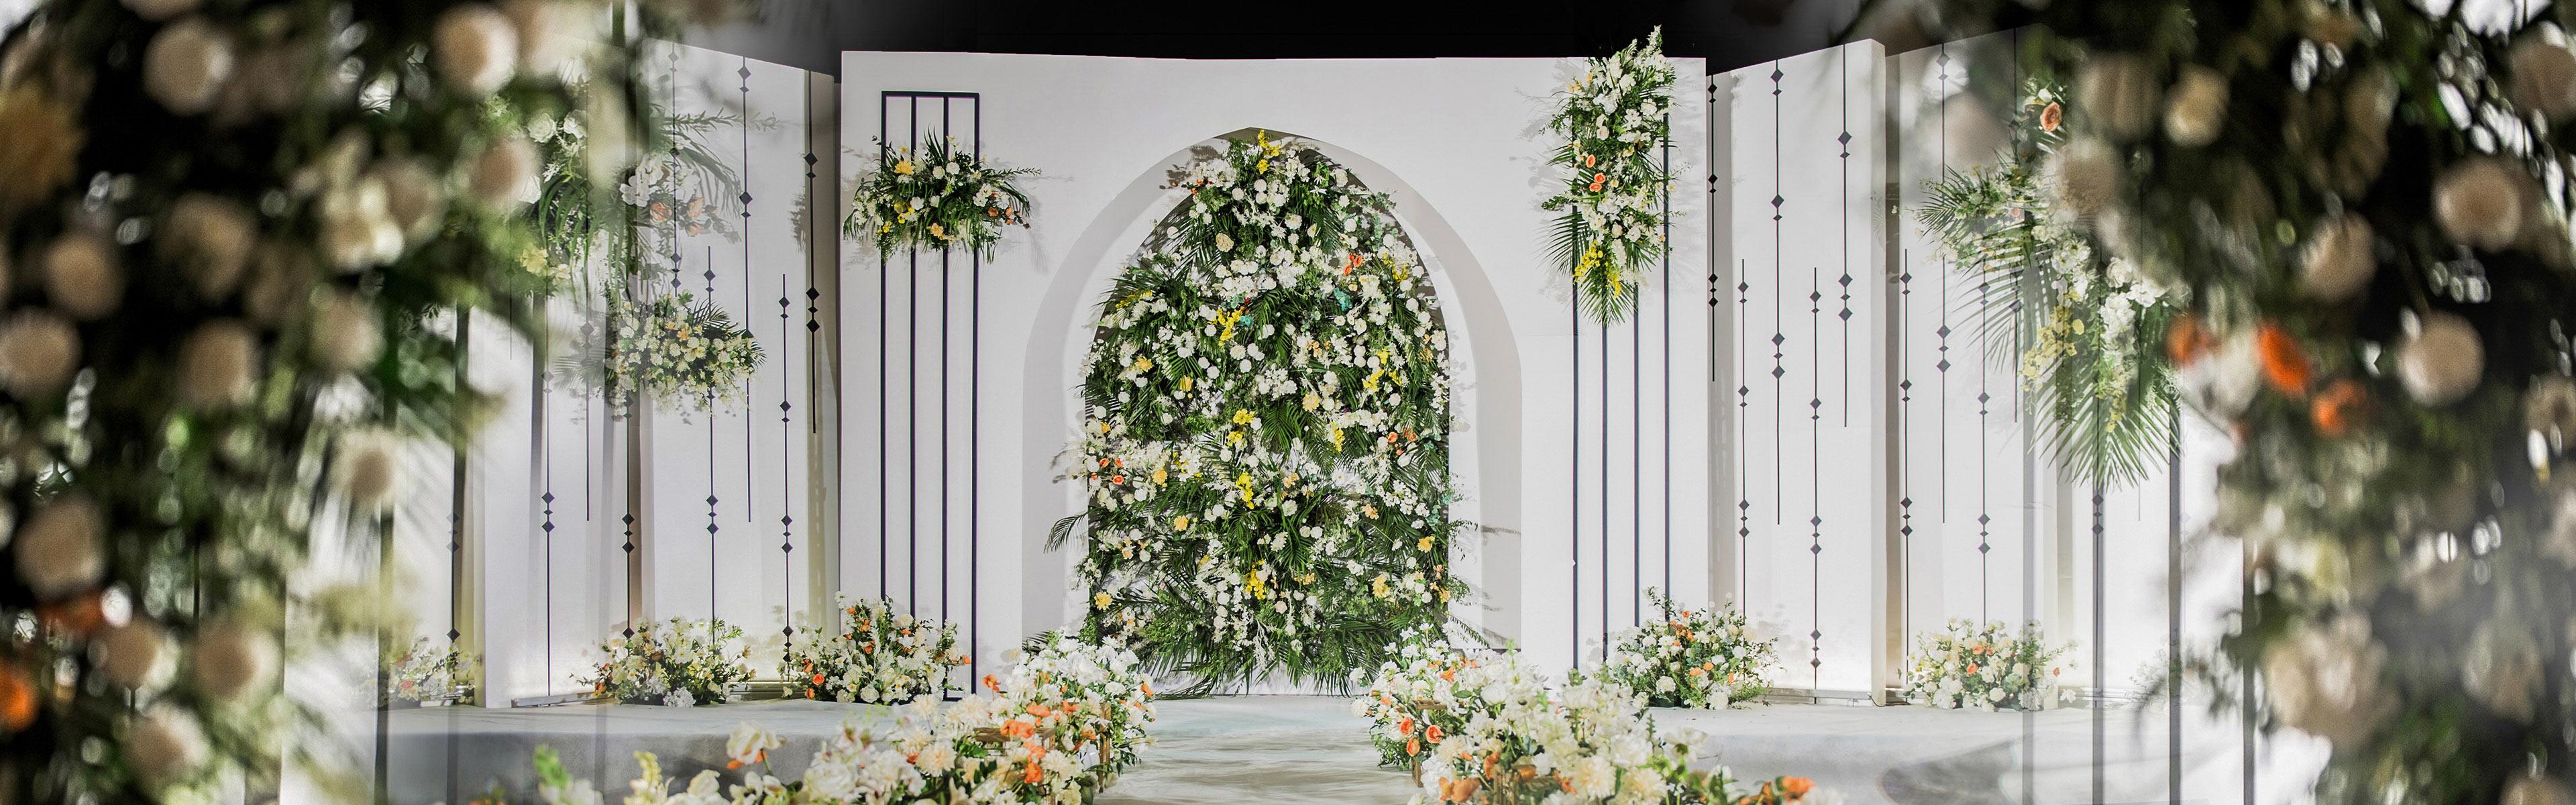 民勤县婚庆策划案例:最美婚礼 第12期 | 湖南 长沙